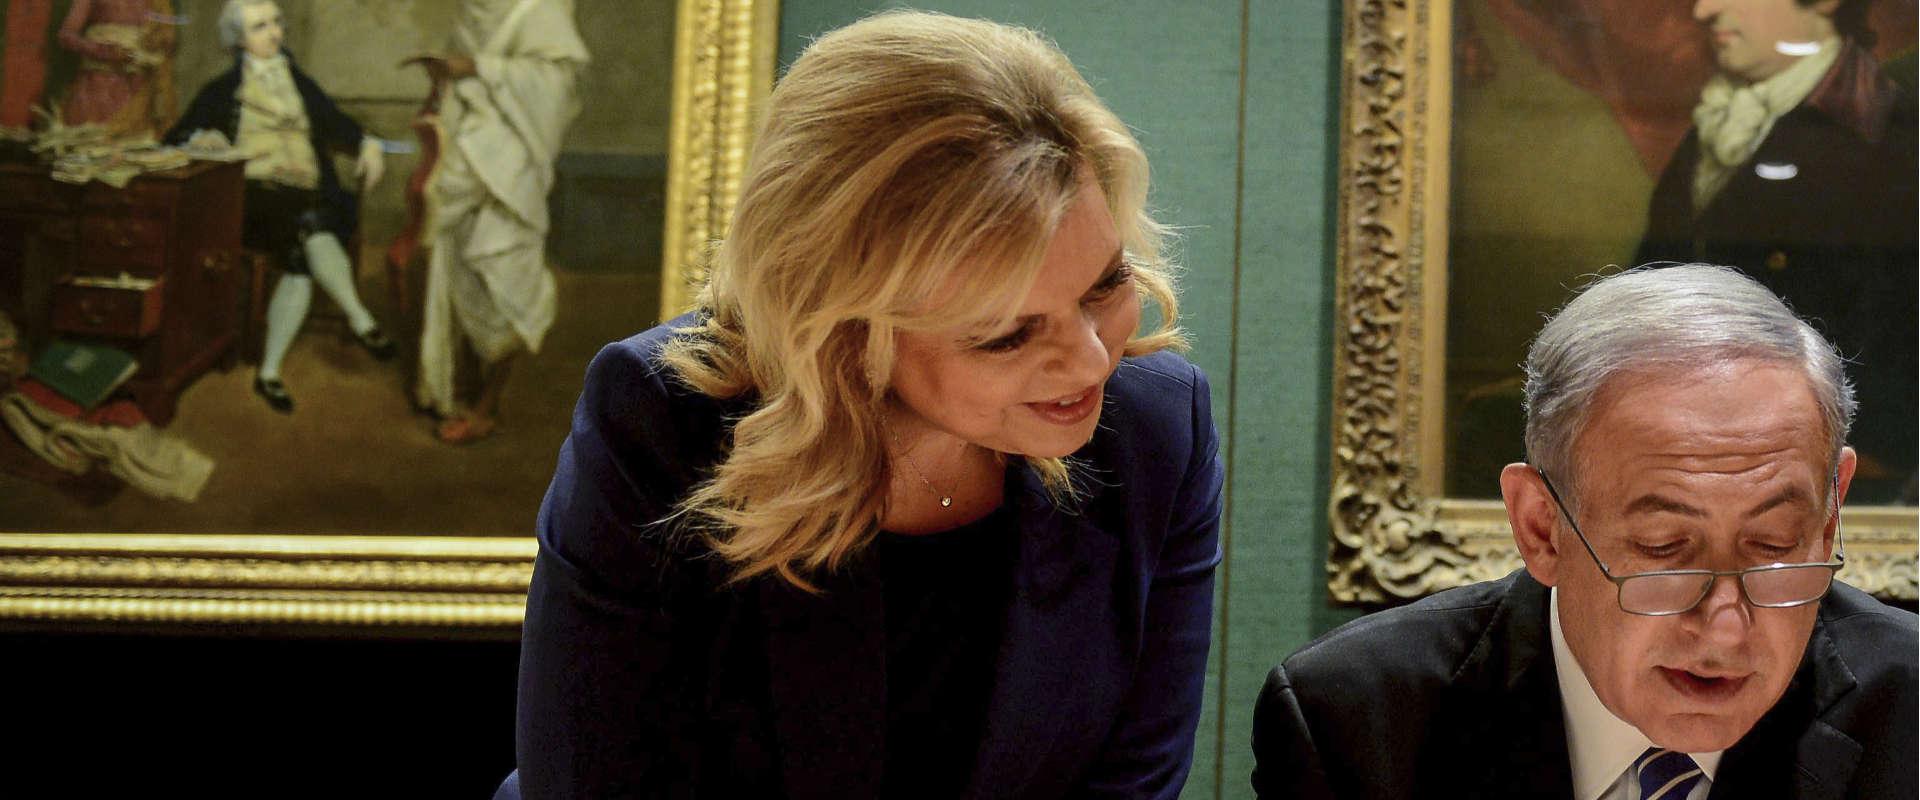 בנימין ושרה נתניהו בספרייה הבריטית